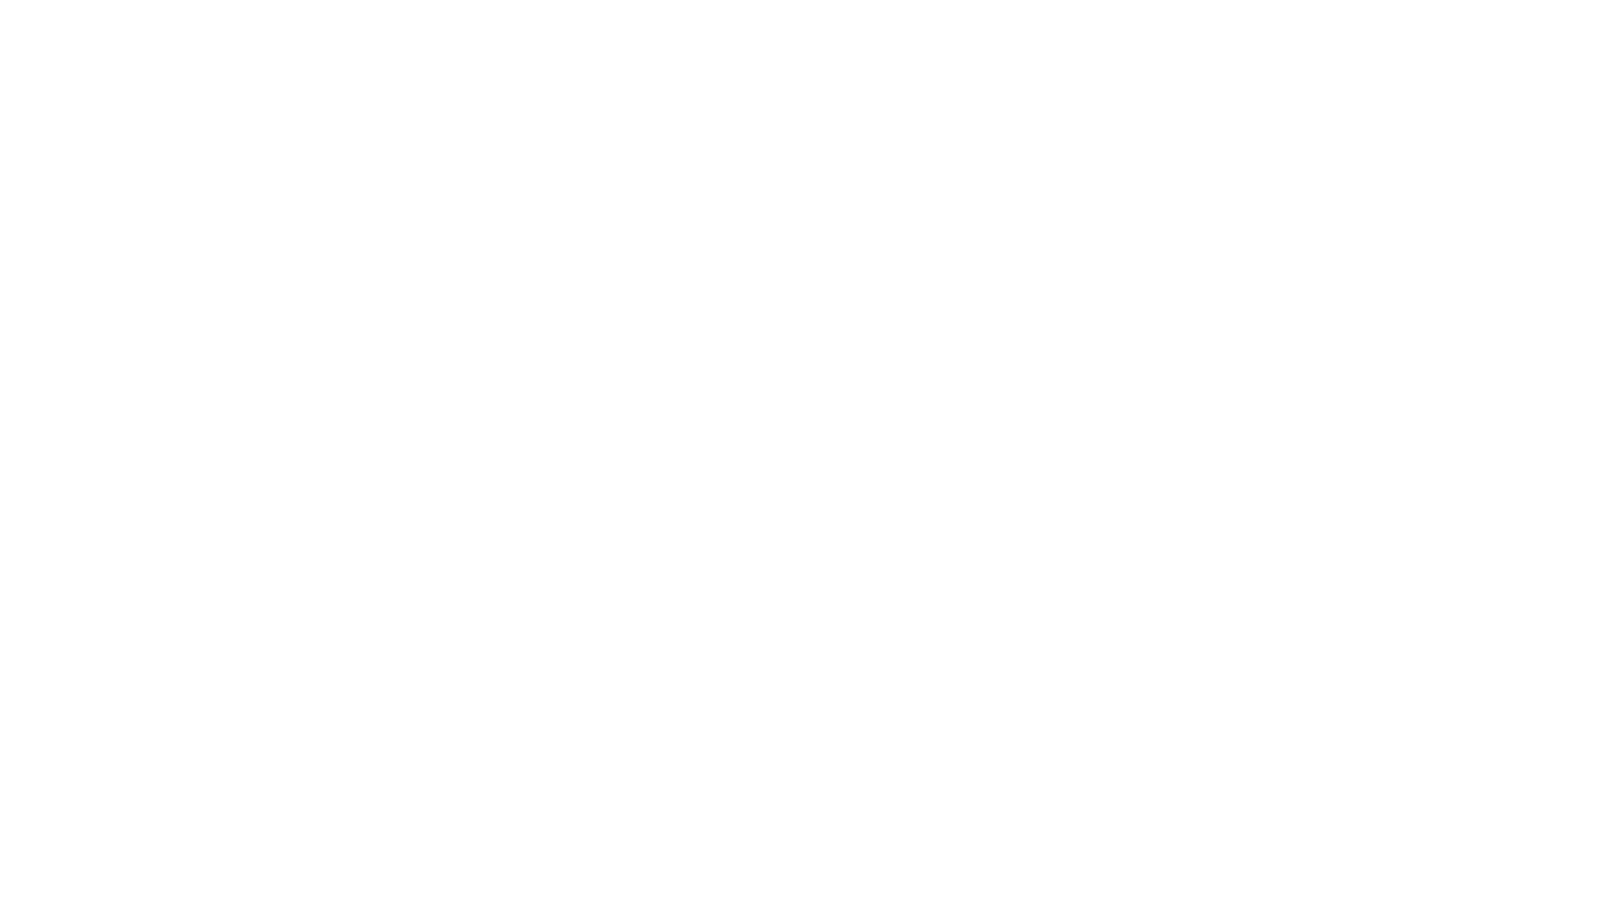 Секции стапеля вырезаны на станке с ЧПУ из деталей детской площадки, после замены на новые. Влагостойкая фанера 15 мм. На этом стапеле с веселыми картинками можно изготовить не одну сотню лодок. Если конечно эта модель найдет отклик в сердцах покорителей водных просторов.  ПРИСОЕДИНЯЙСЯ: Сайт https://ckboat.ru/ Группа в ВК https://vk.com/canoe_kayak_boat Фейсбук https://www.facebook.com/canoekayakboat/ 🎵 Track Info: Title: Blue Scorpion by Kevin MacLeodGenre and Mood: Alternative & Punk + Angry